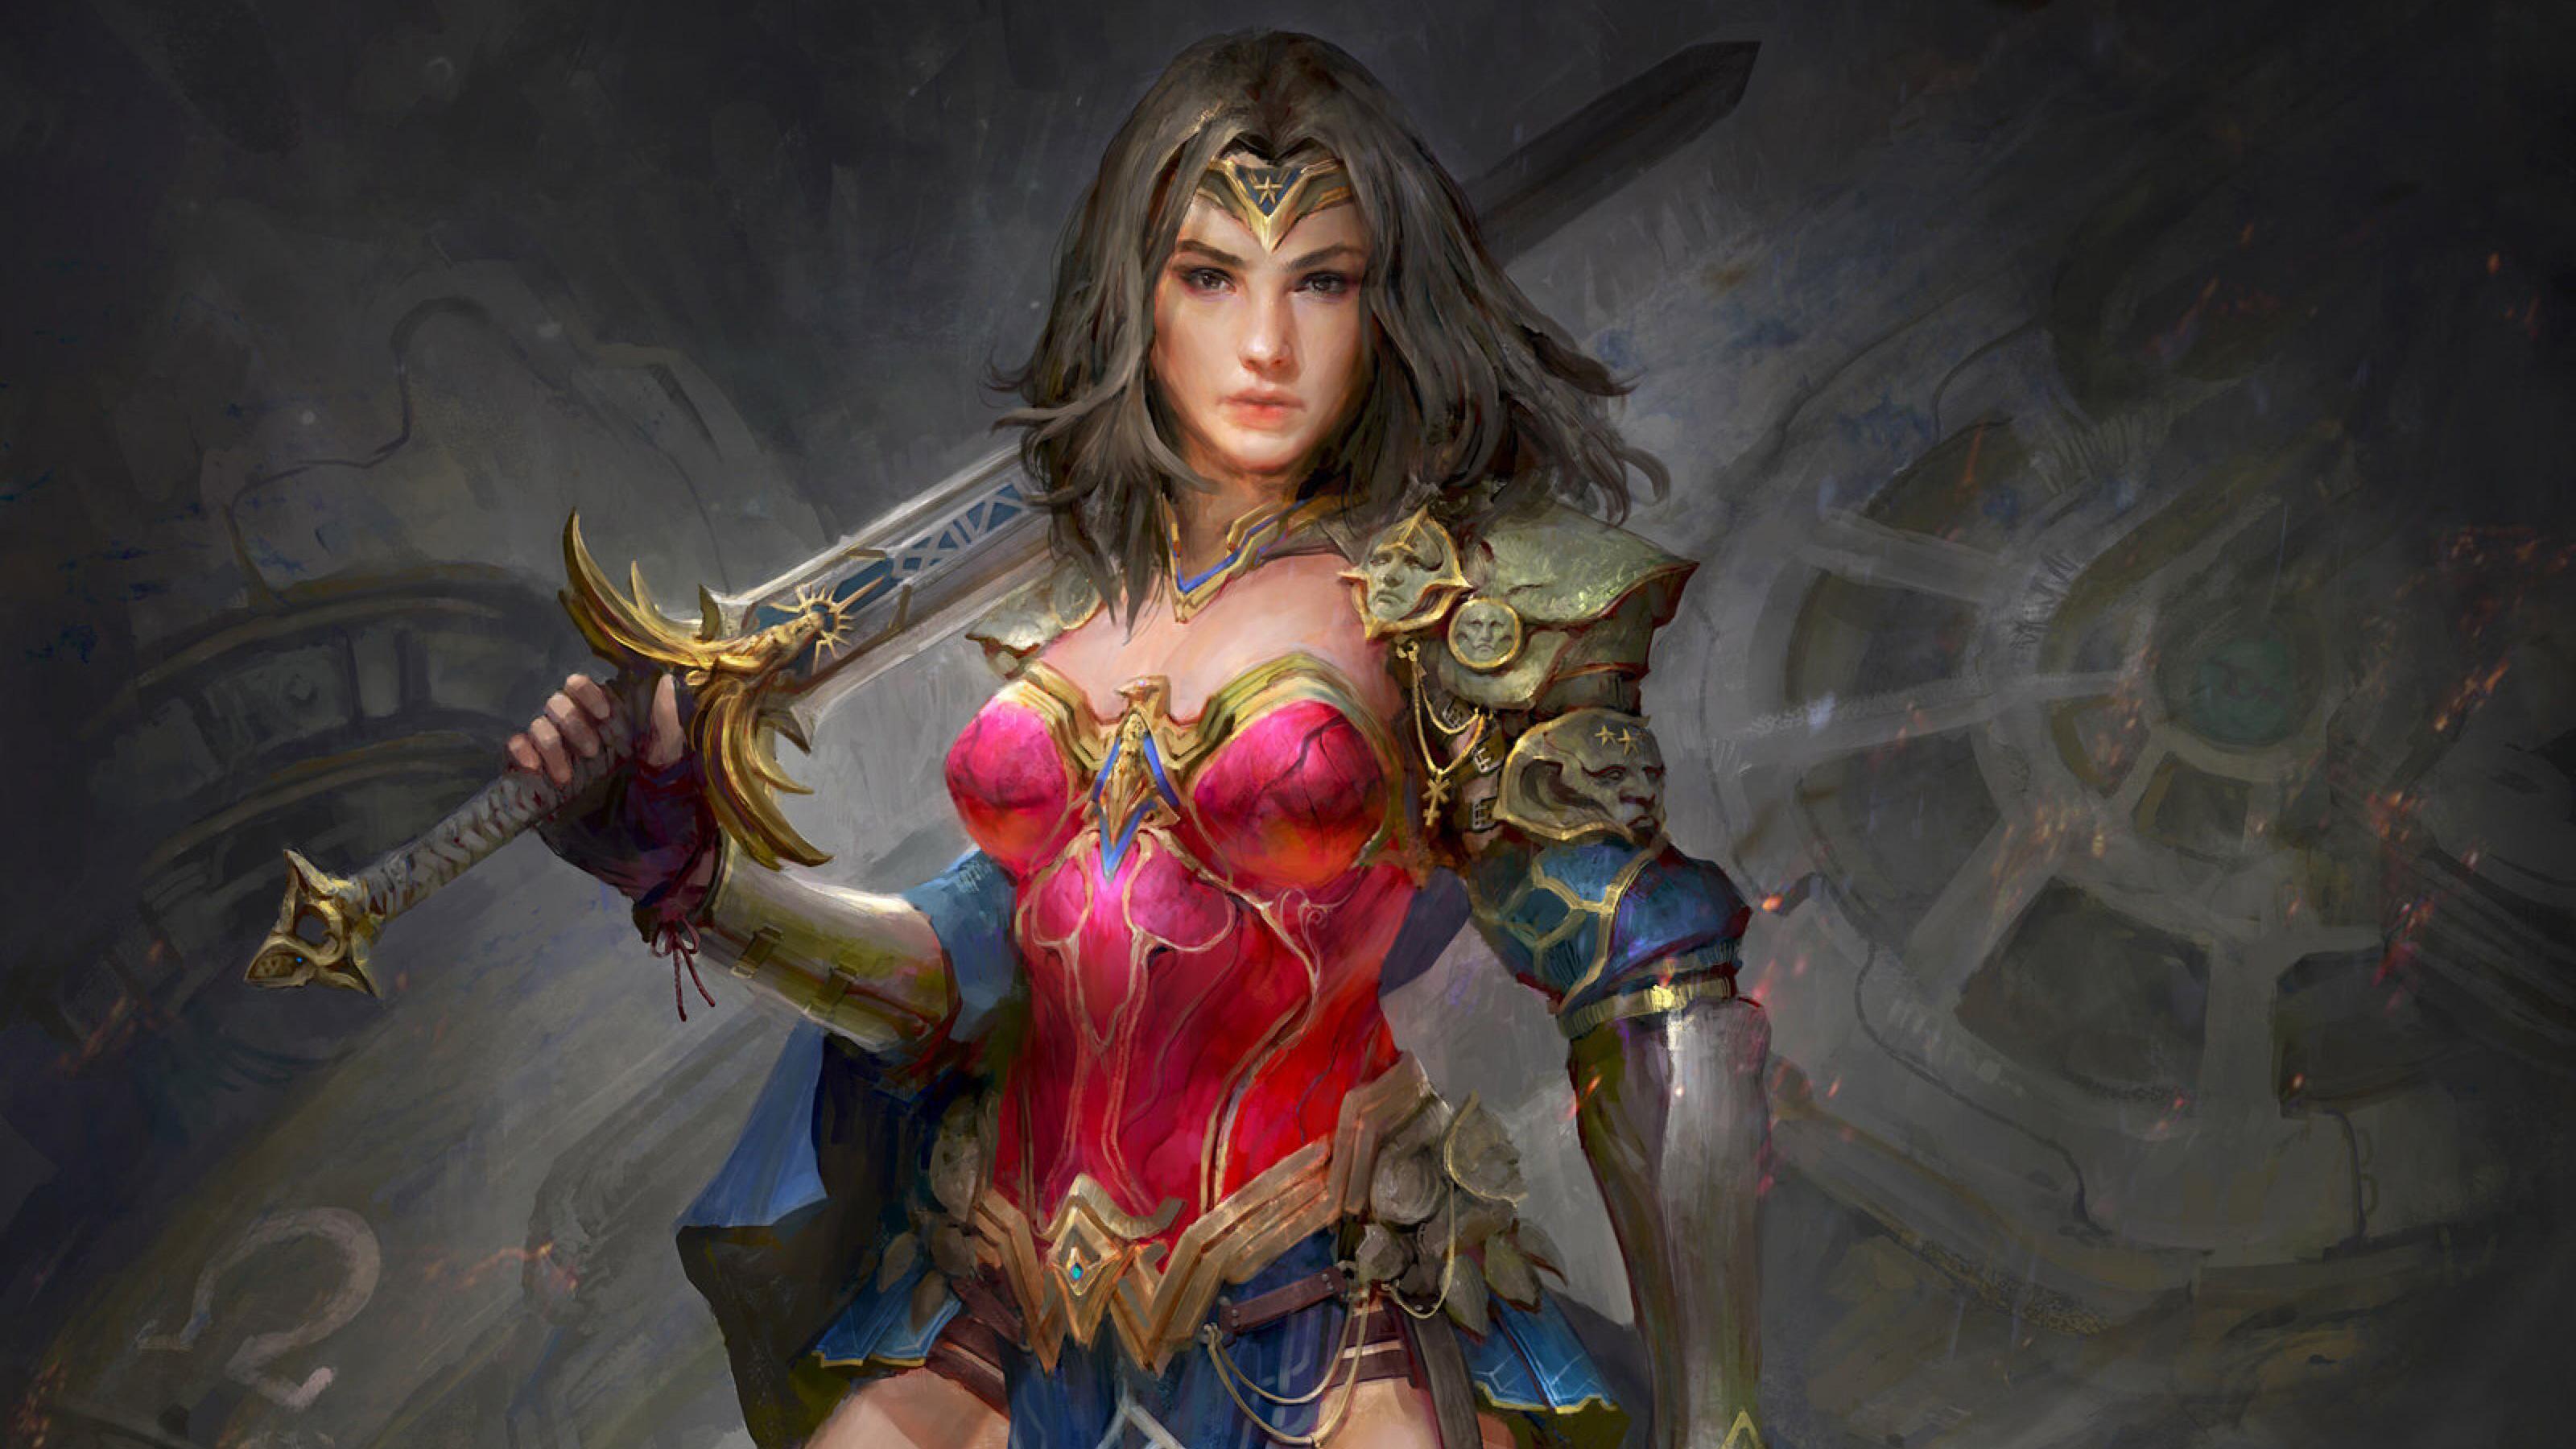 Wonder Woman 1984 Movie Artwork Hd Movies 4k Wallpapers Images